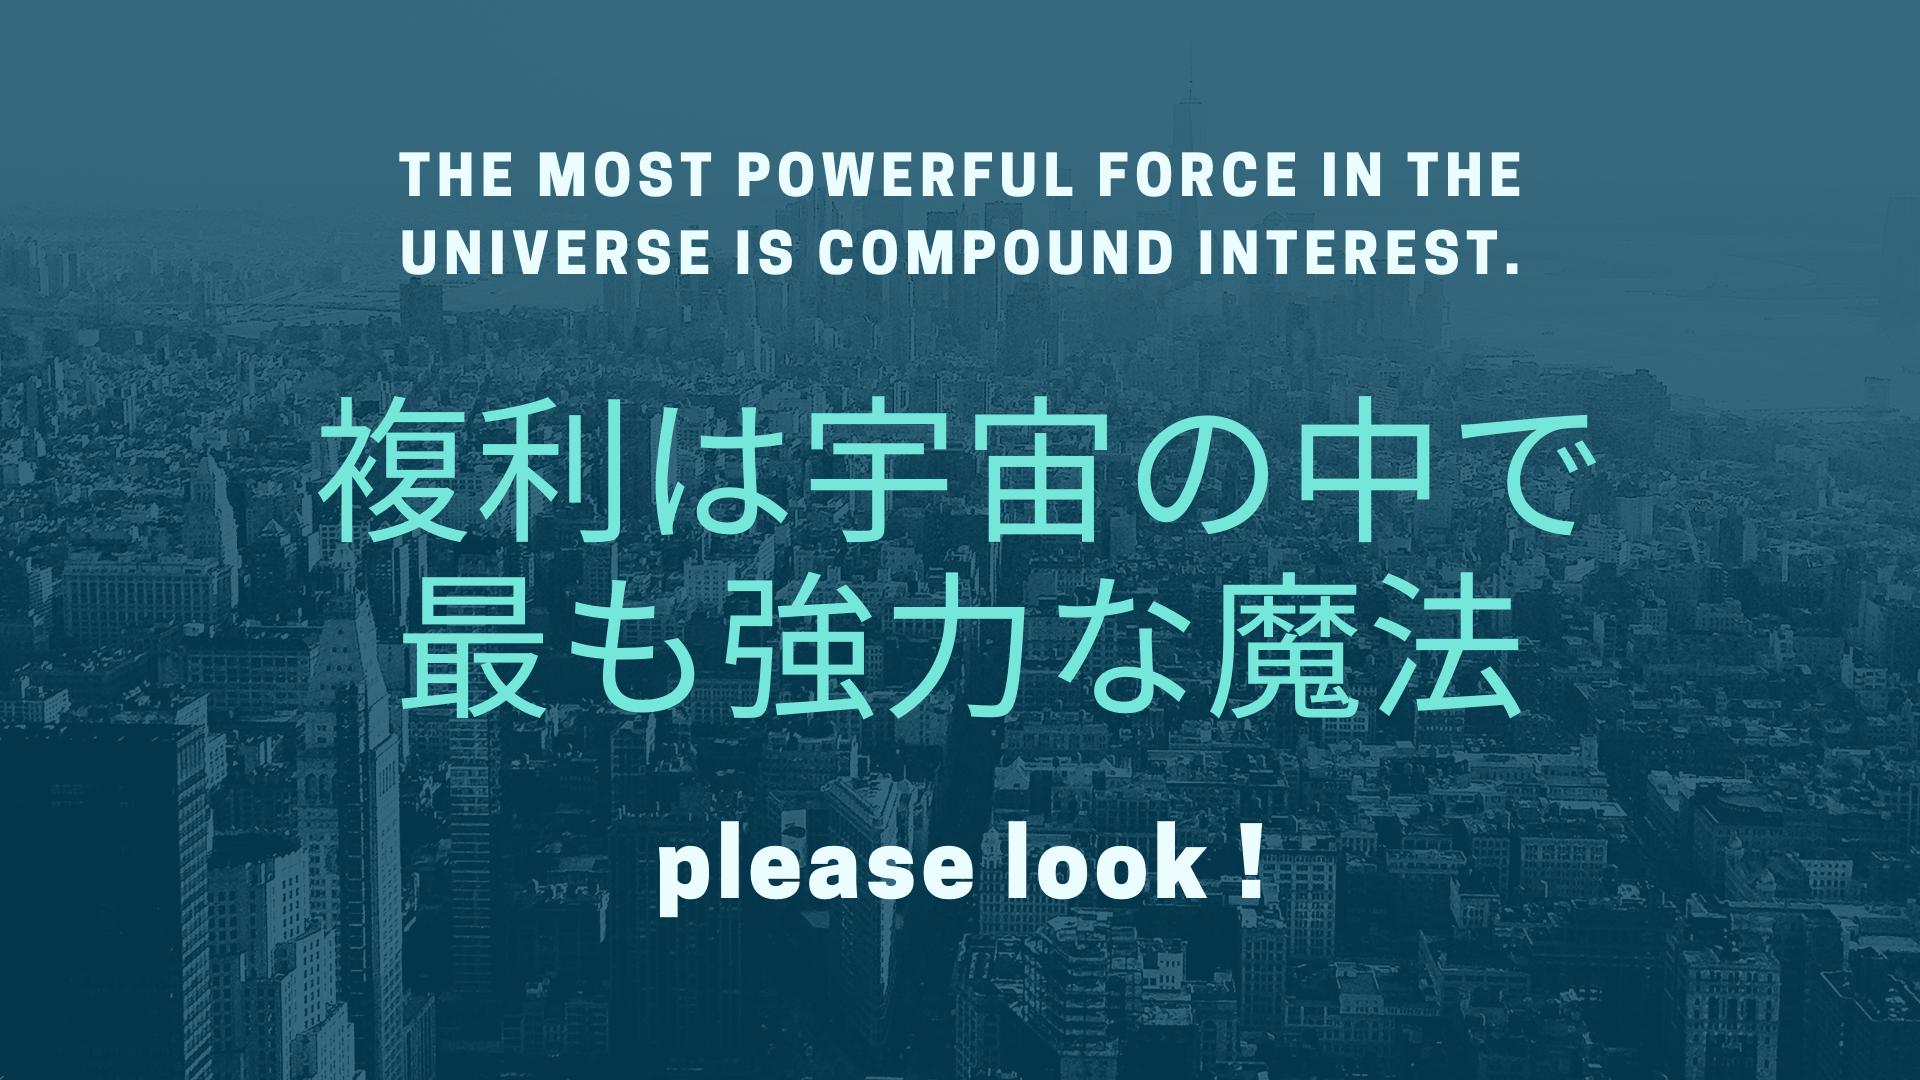 アインシュタインが認めた複利の力